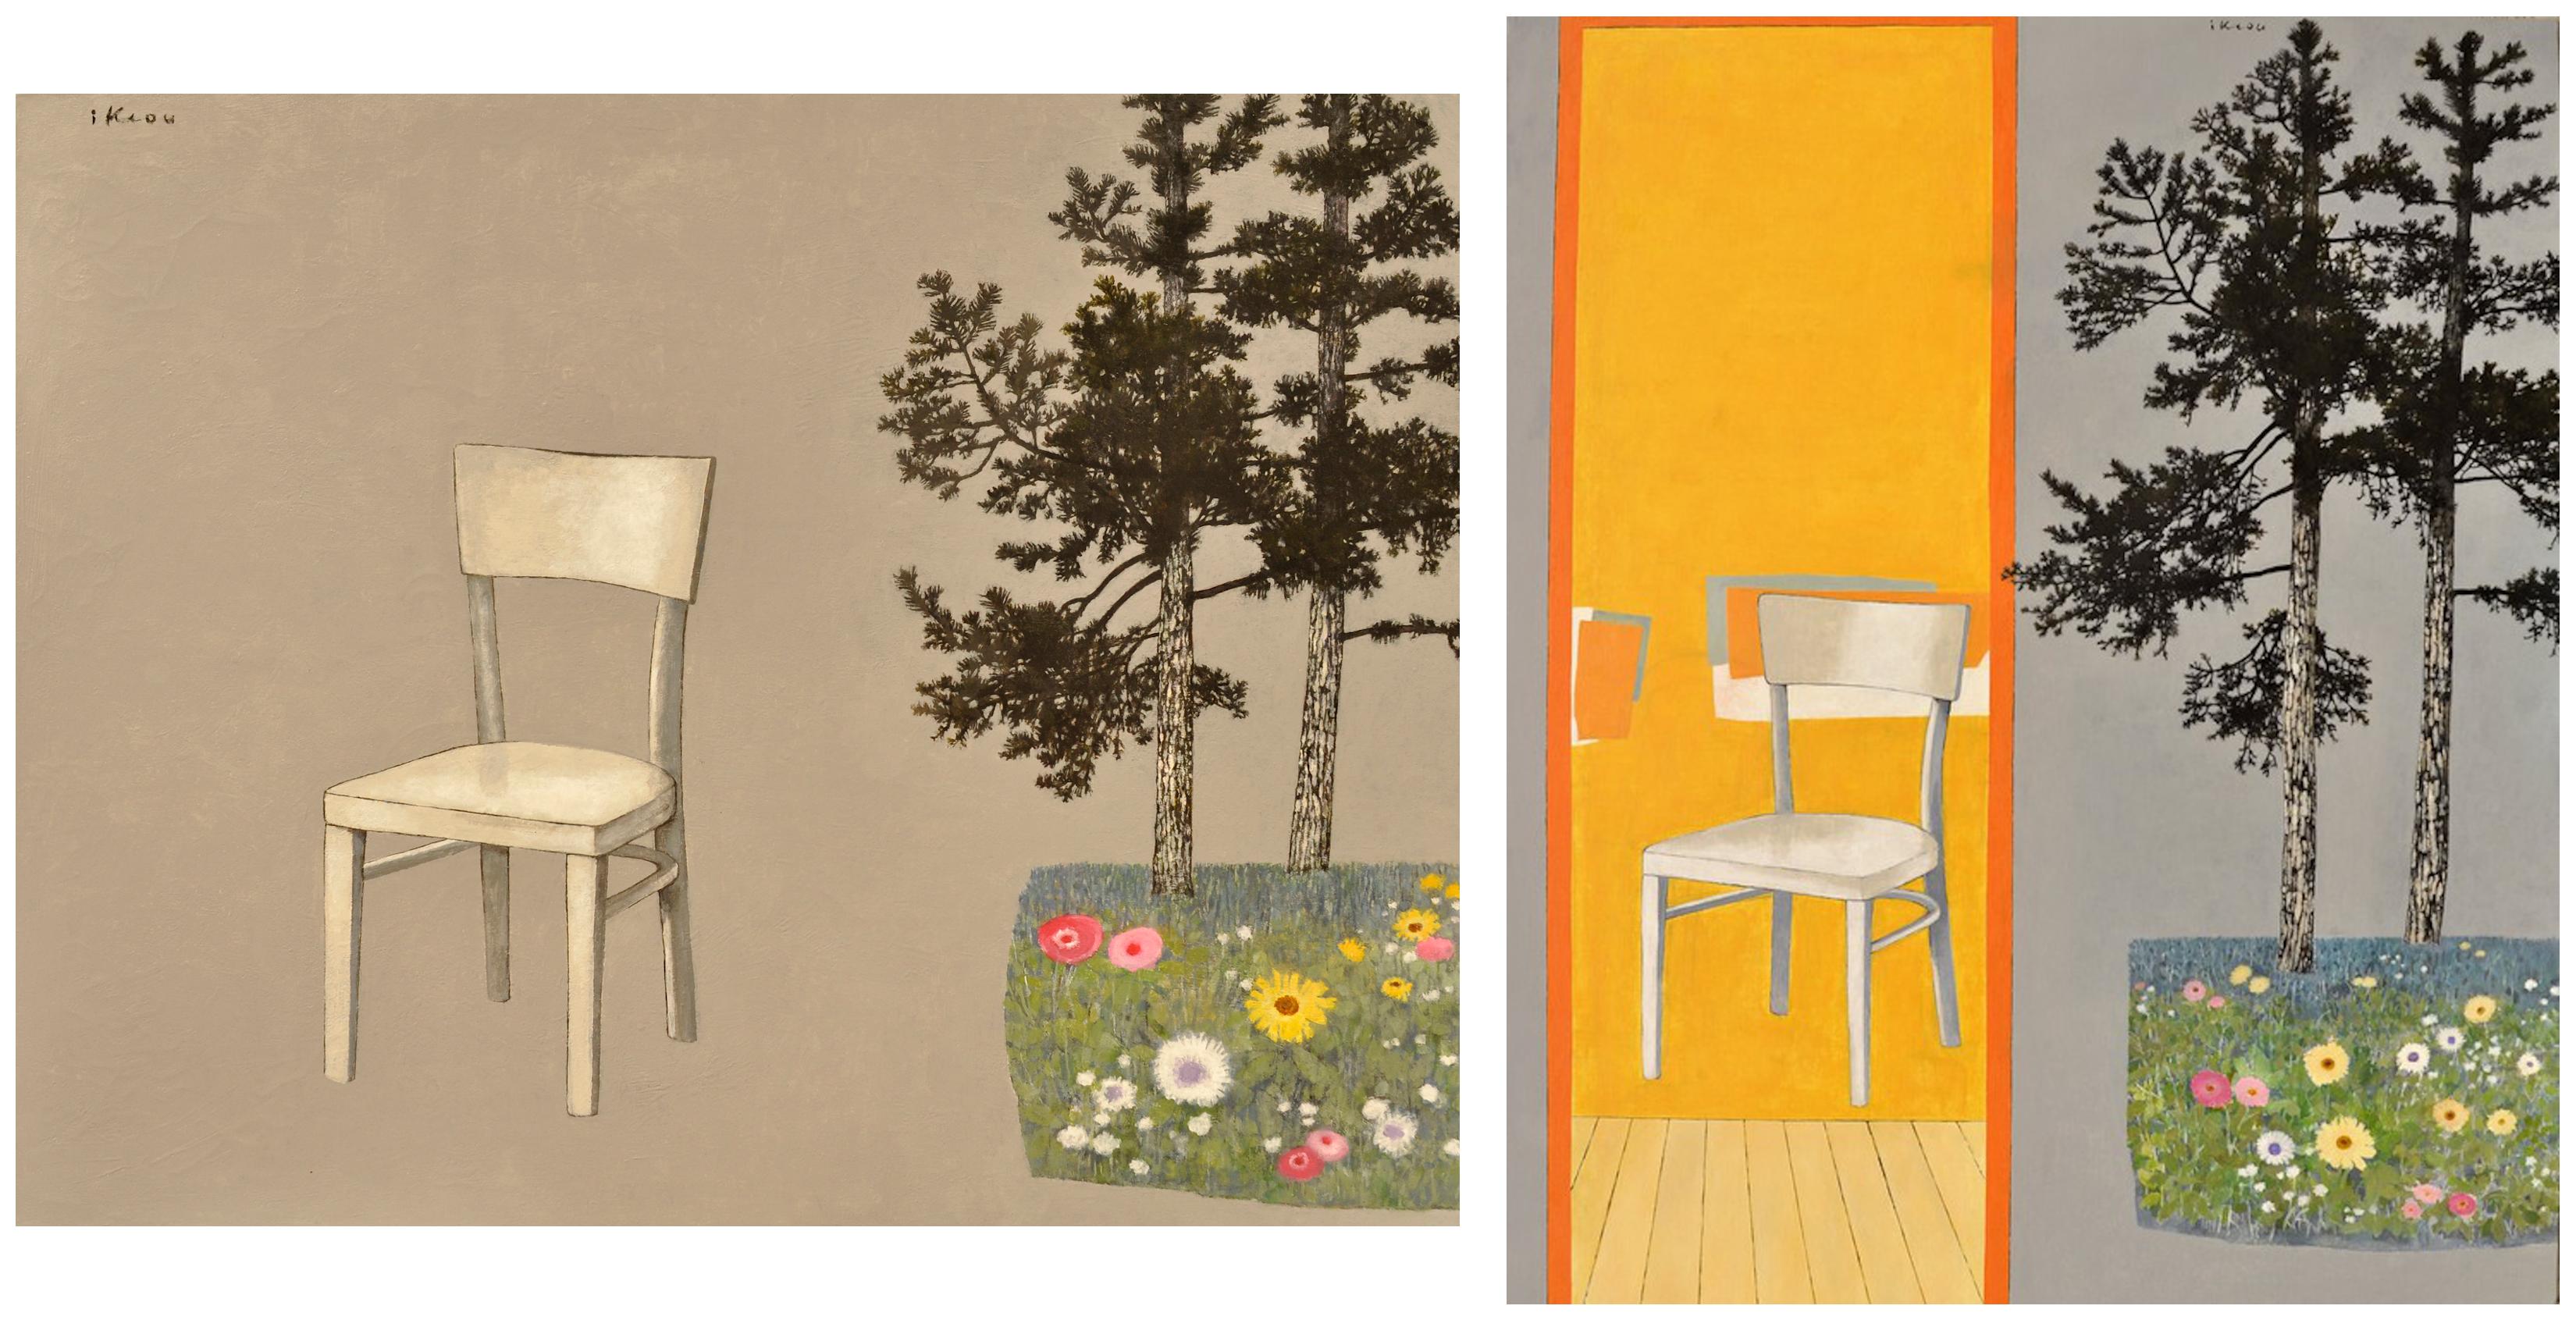 IKIOU - à gauche : Chaise blanche dans le jardin gris, huile sur toile, 100x81cm, 2017 - à droite : Souvenirs d'été, huile sur toile, 162x130cm, 2018 - mecenavie